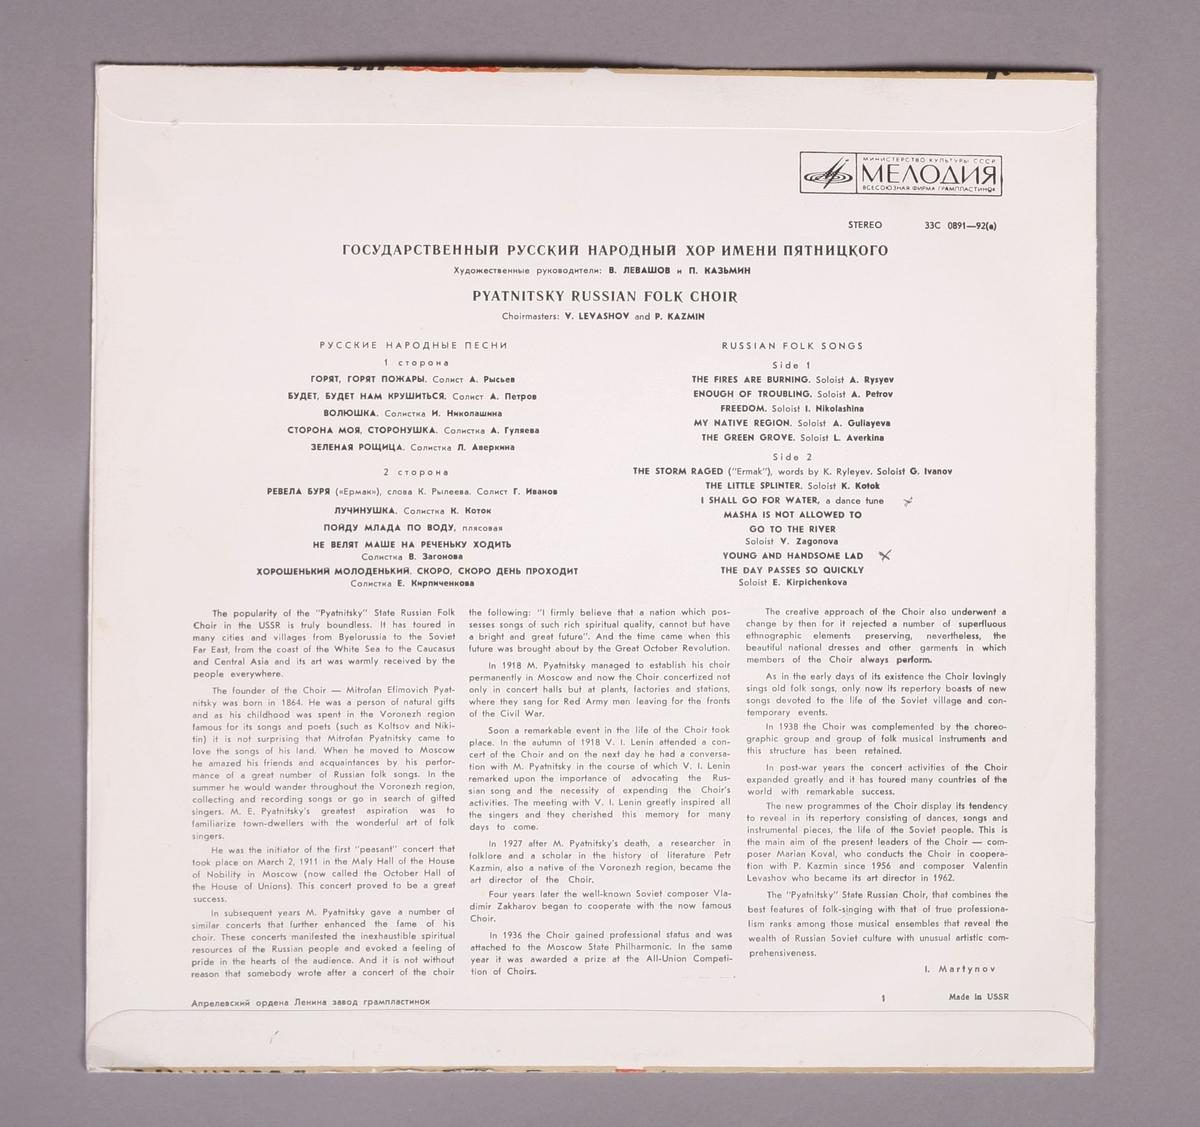 Grammofonplate i svart vinyl og plateomslag i papp. Plata ligger i en plastlomme.